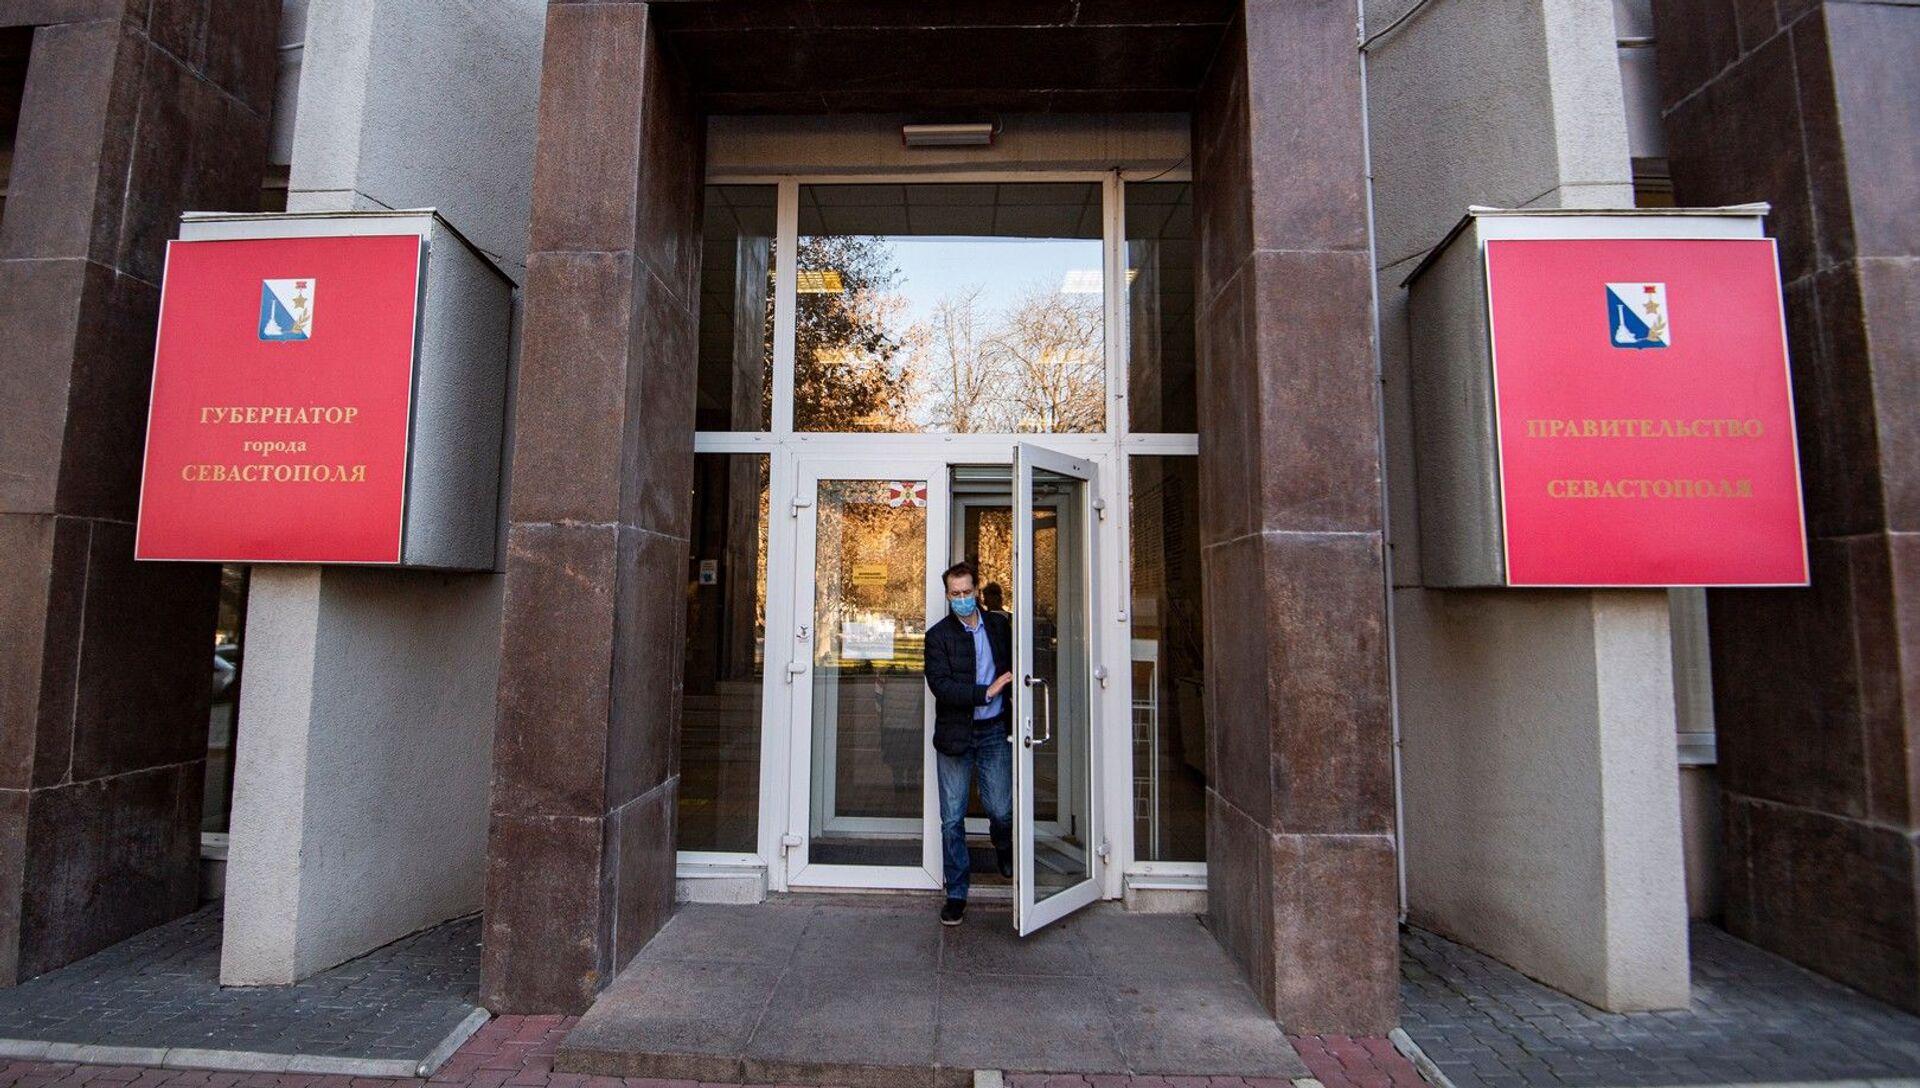 Здание правительства Севастополя  - РИА Новости, 1920, 24.05.2021